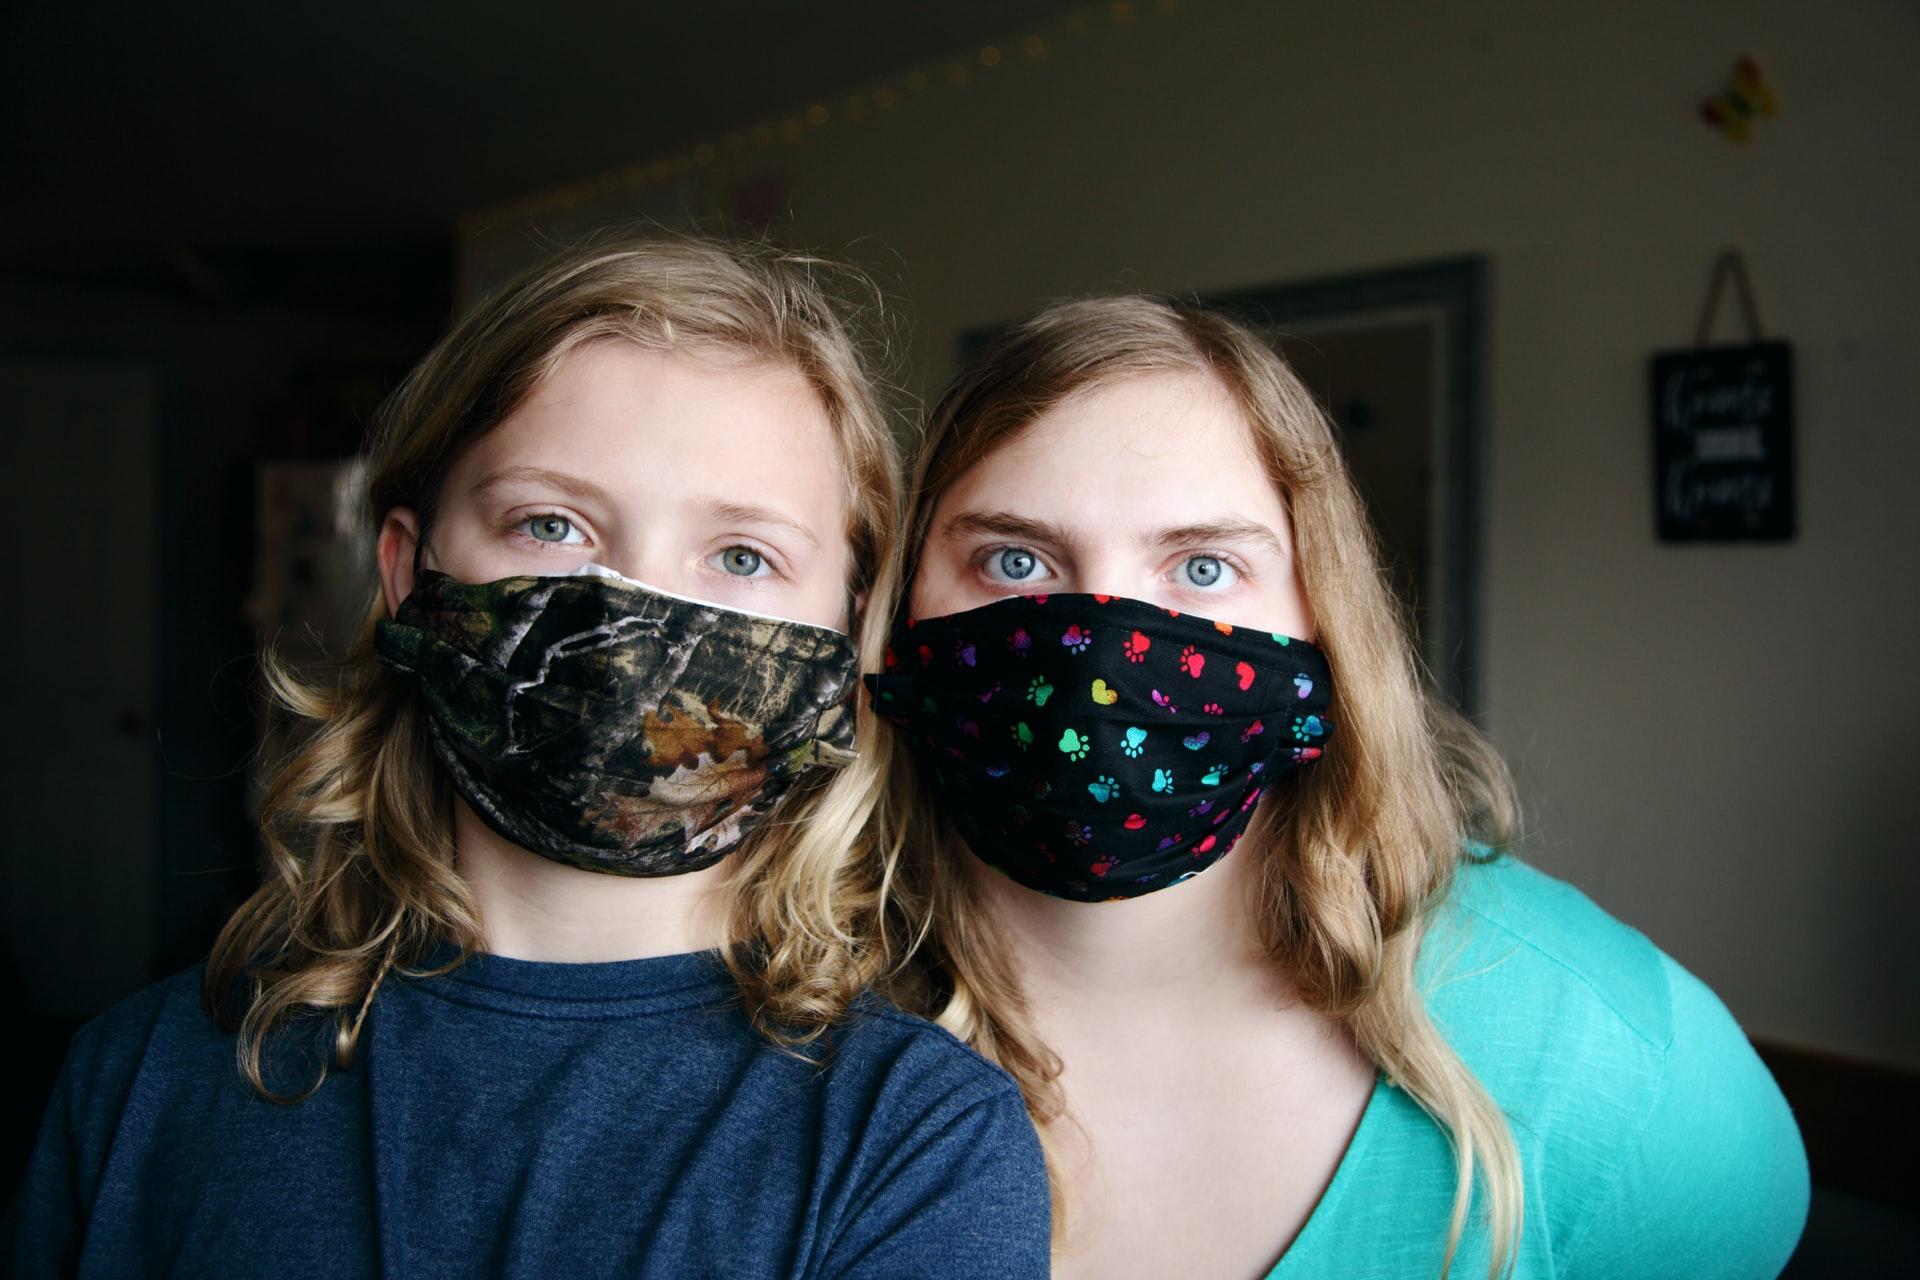 フェイスマスク自作方法